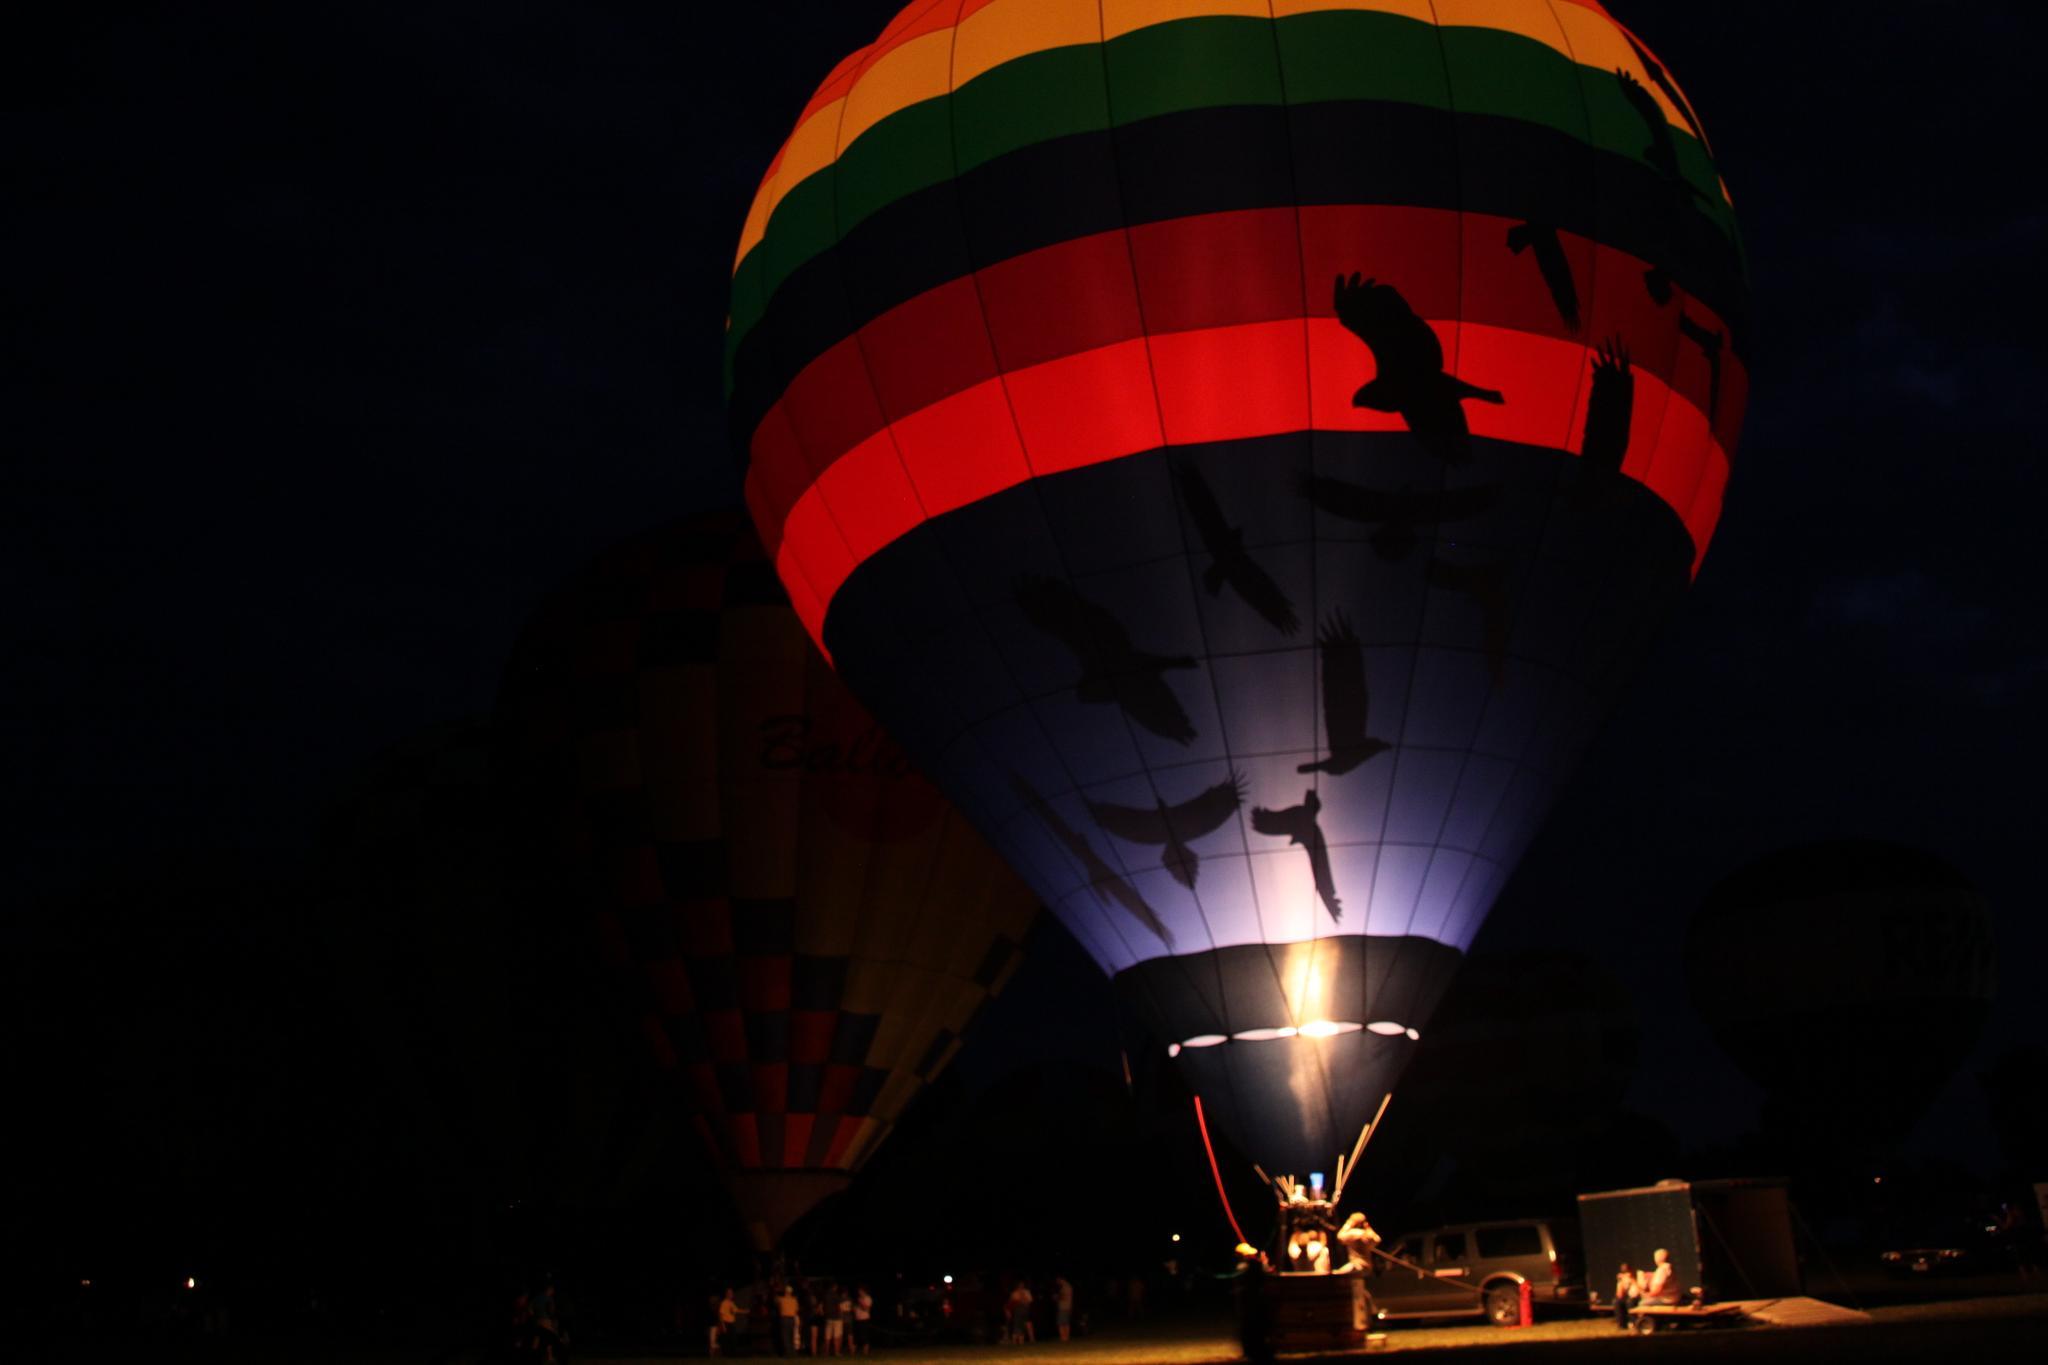 Balloon Glow 3 by Ryan W. Niemiec